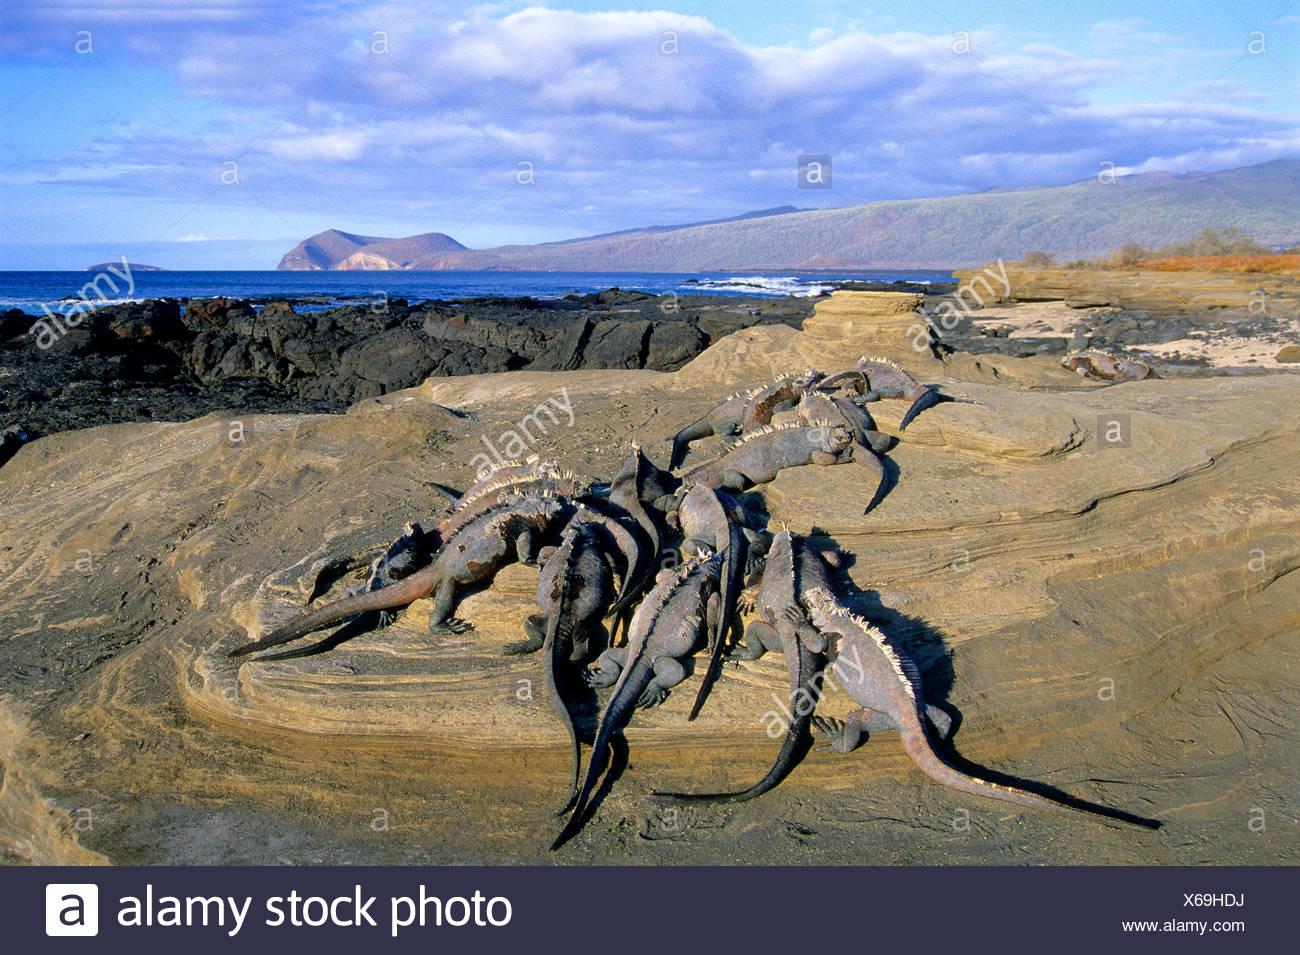 Marine iguanas (Amblyrhynchus cristatus) basking in the late afternoon sunshine, James Island, Galapagos Archipelago, Ecuador - Stock Image